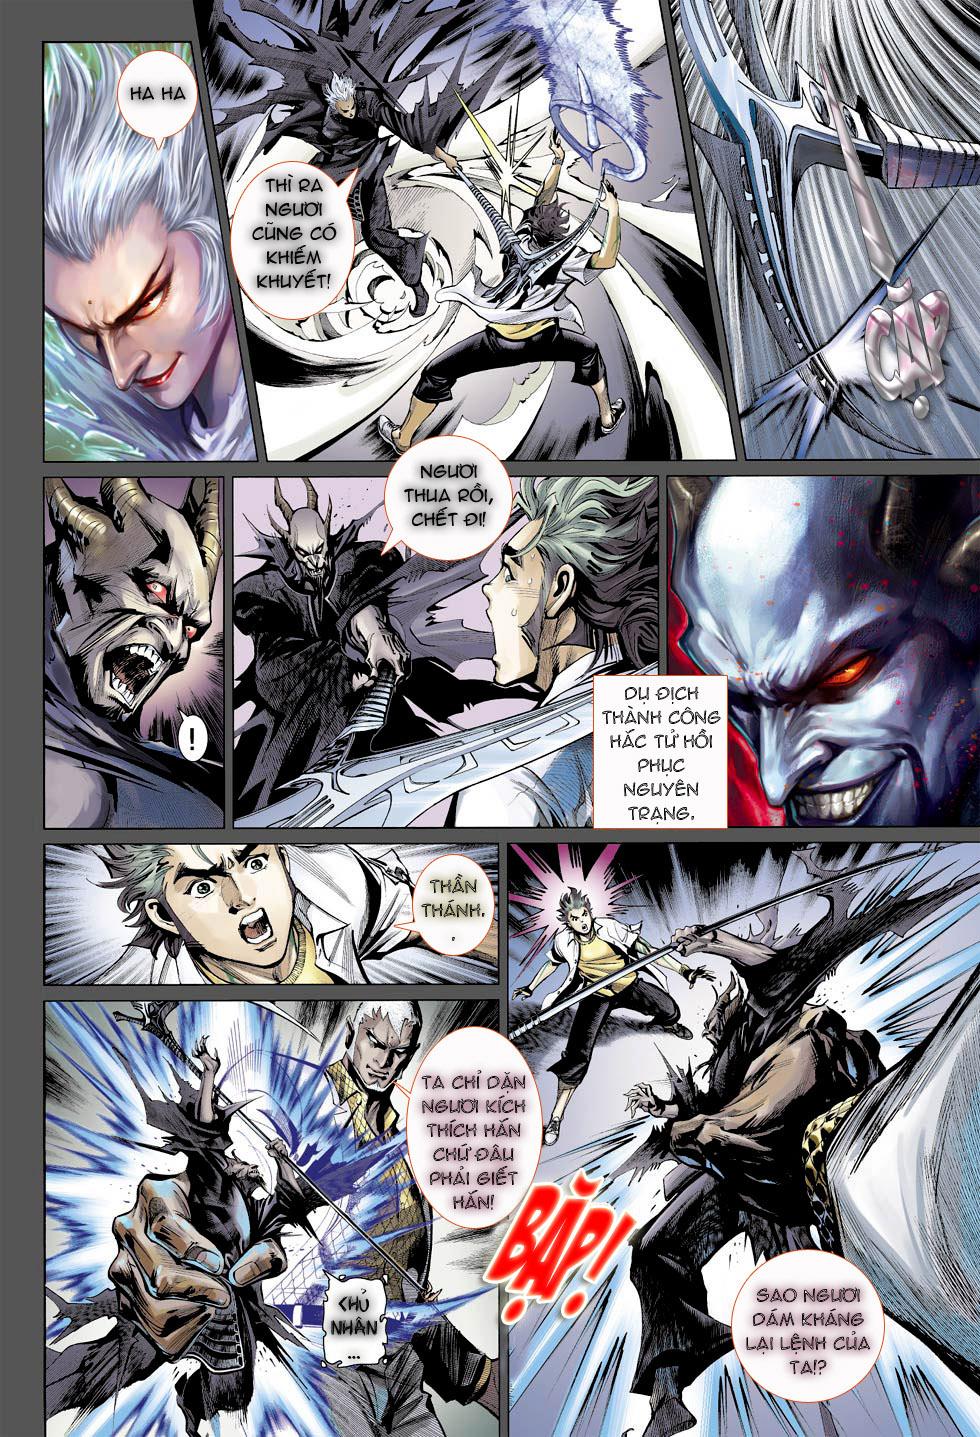 Thần Binh 4 chap 23 - Trang 12